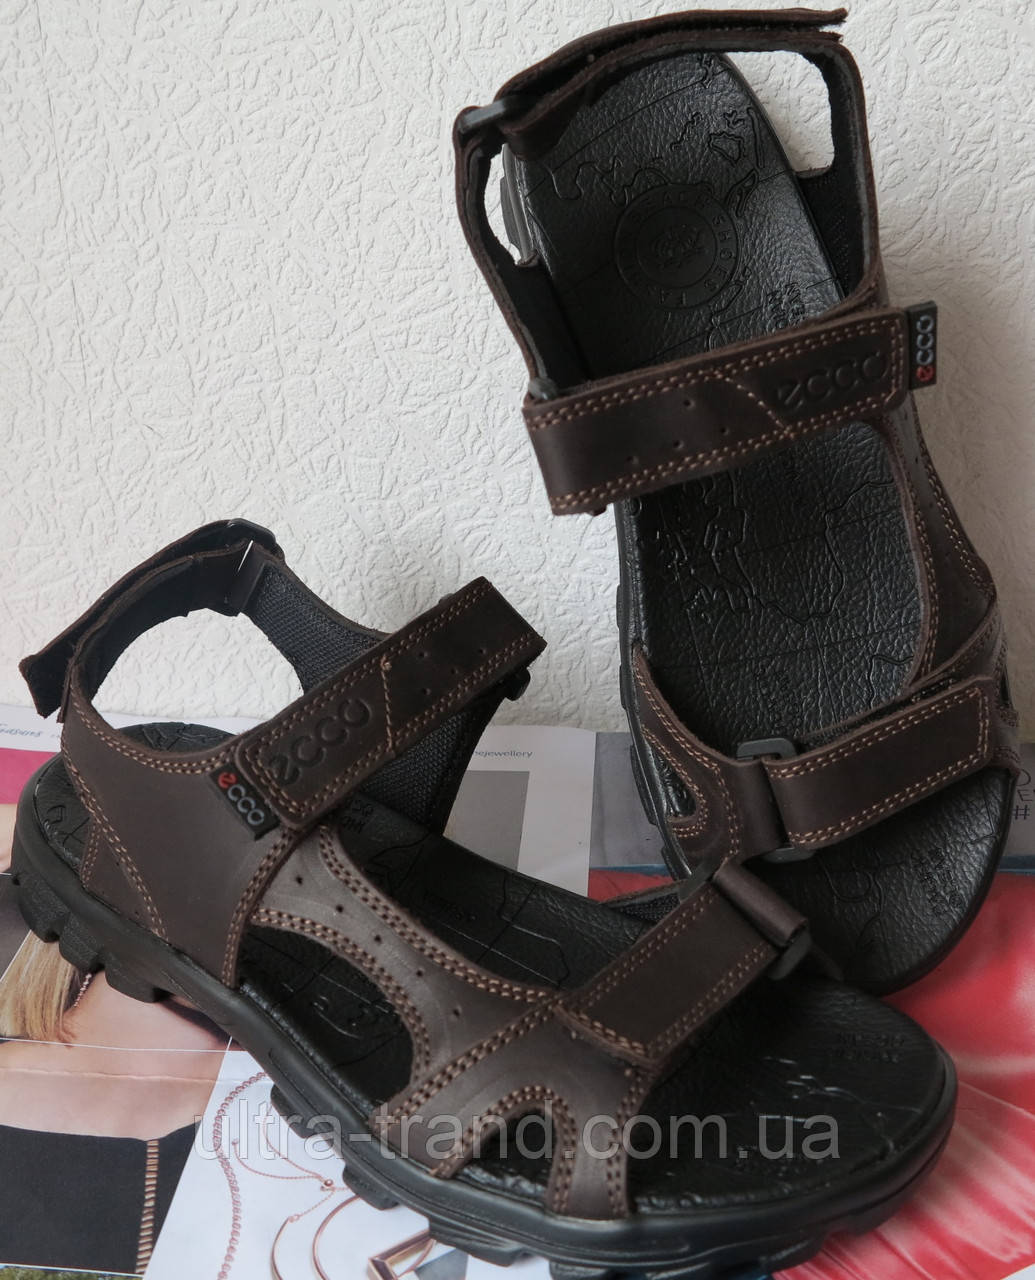 Mante xbiom комфорт! Кожаные мужские сандалии Манте стиль лето